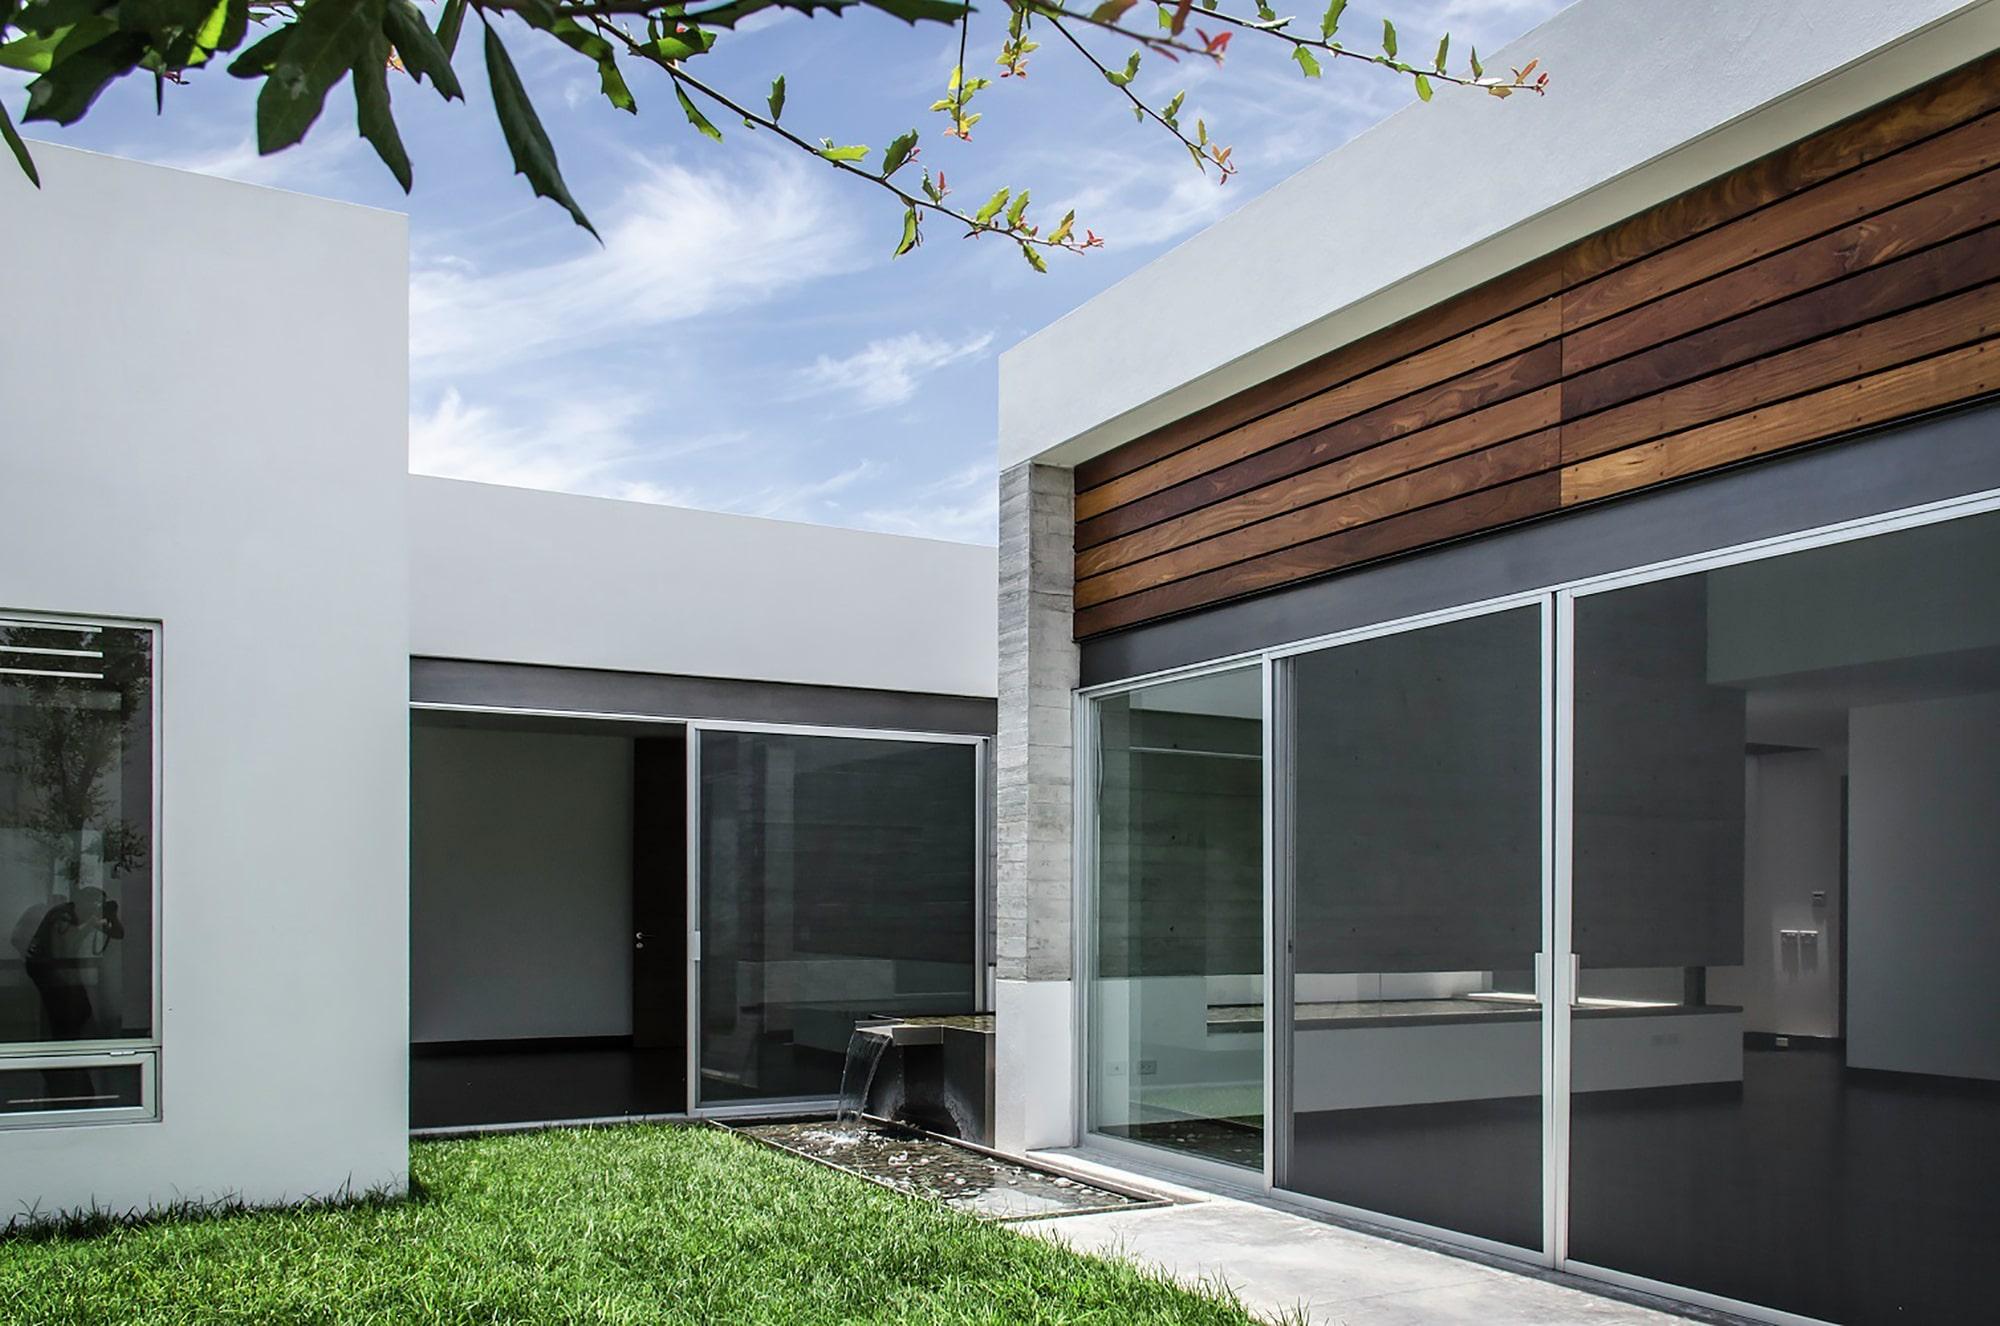 Casas simples muy lindas fachadas e interiores taringa for Fachadas de ventanas para casas modernas